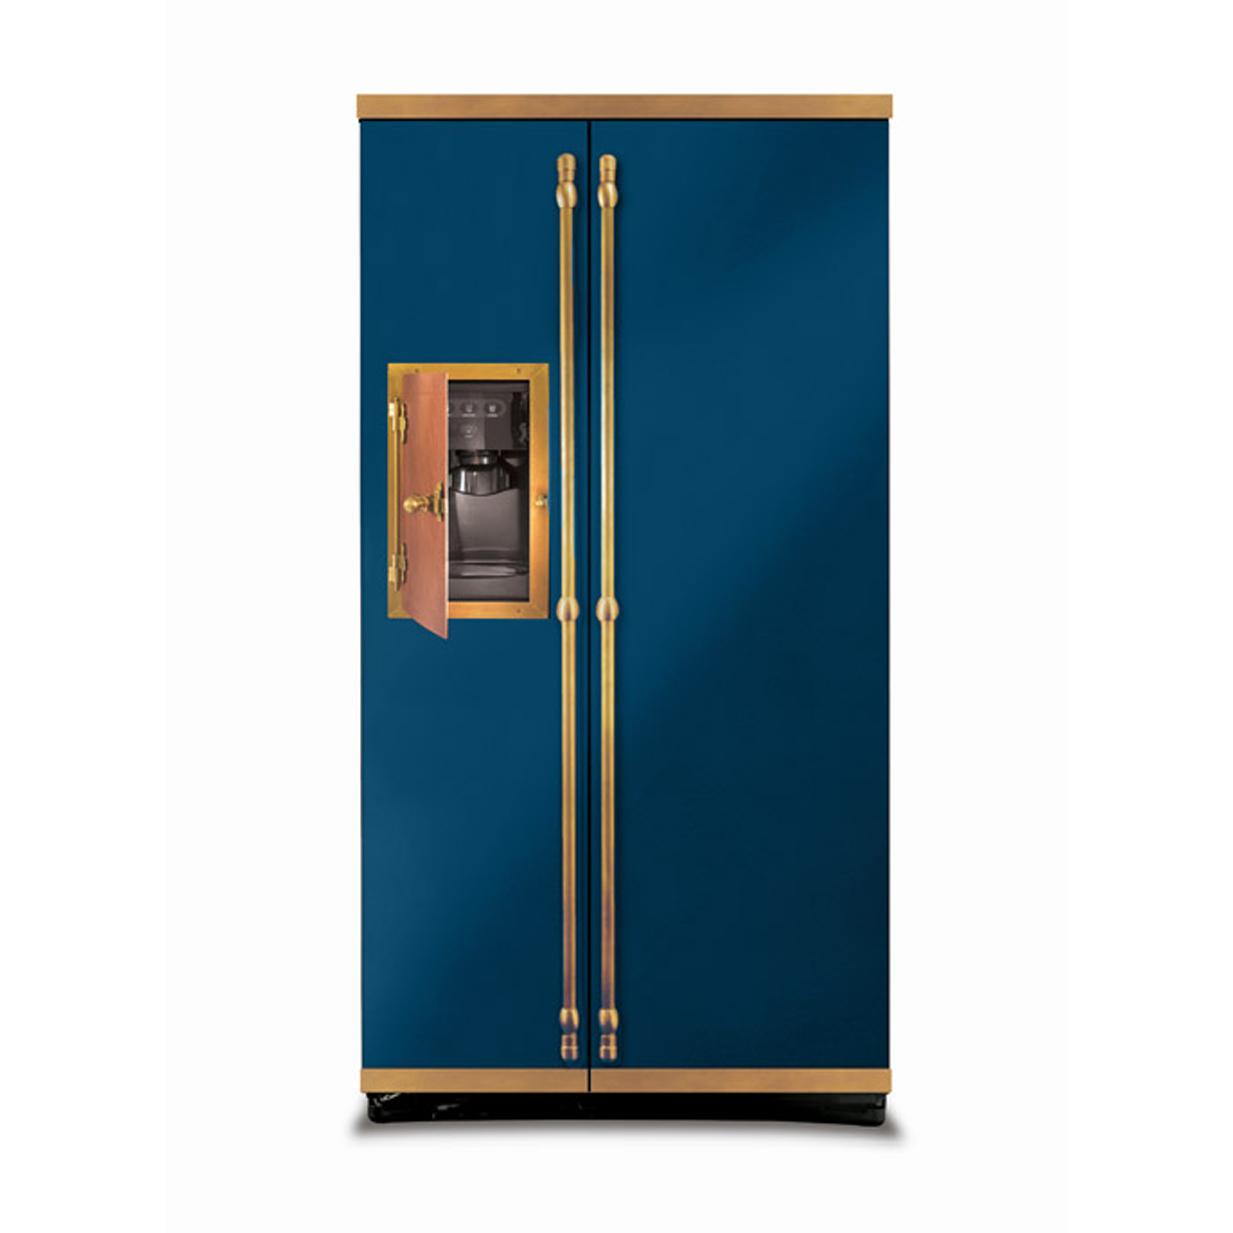 Красивый холодильник для семьи